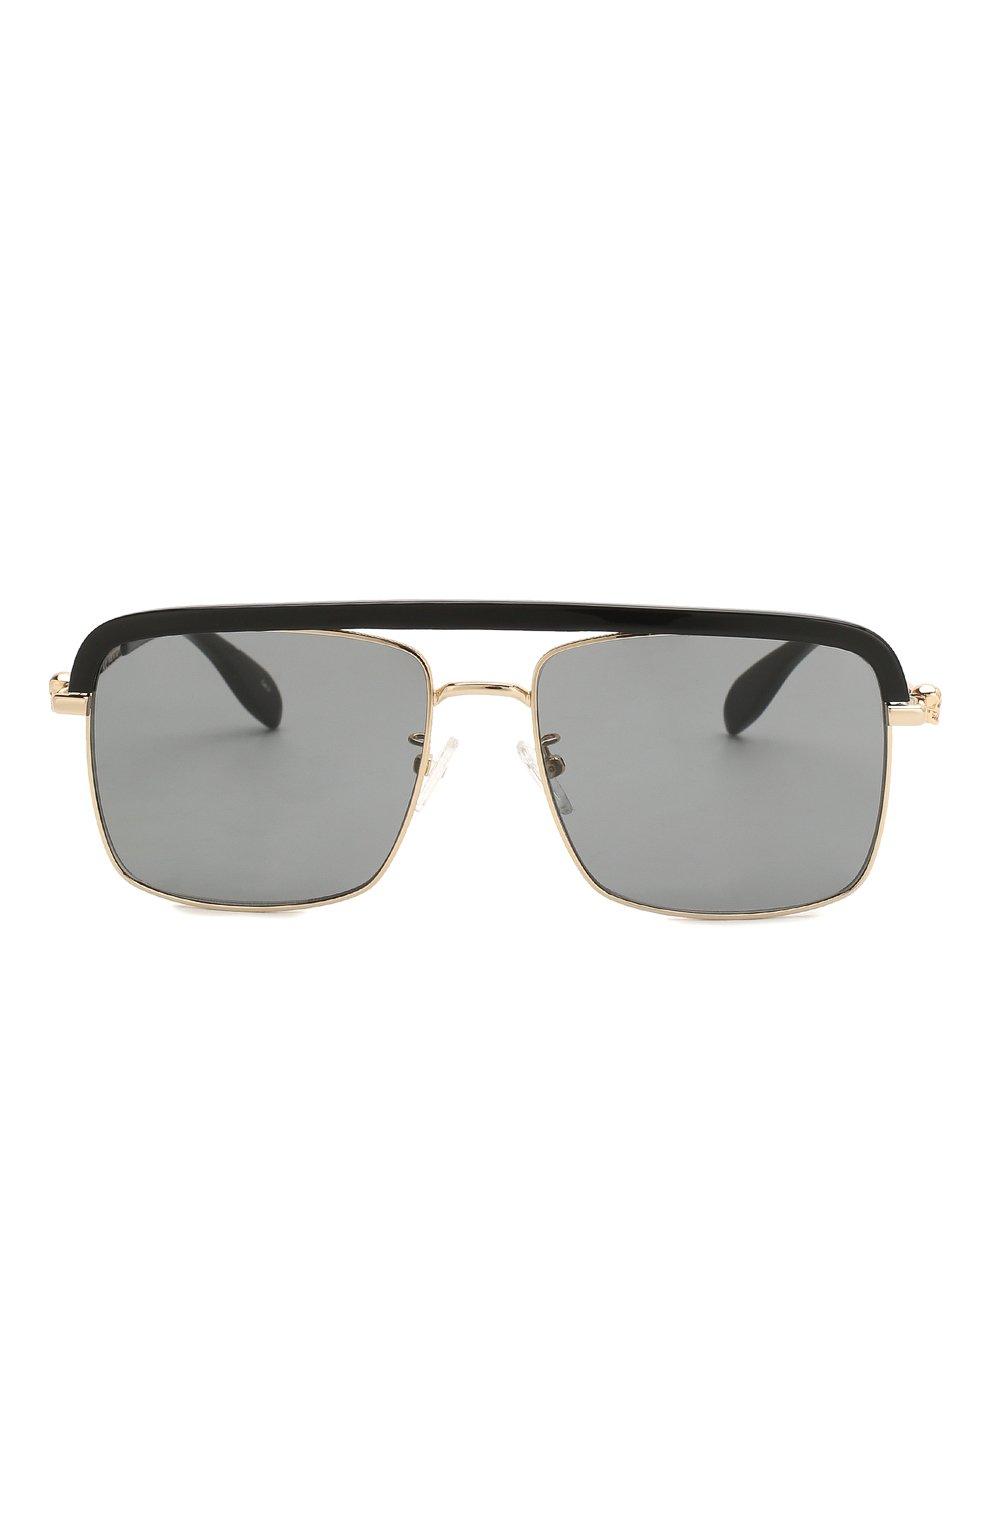 Женские солнцезащитные очки ALEXANDER MCQUEEN черного цвета, арт. AM0258S 001   Фото 4